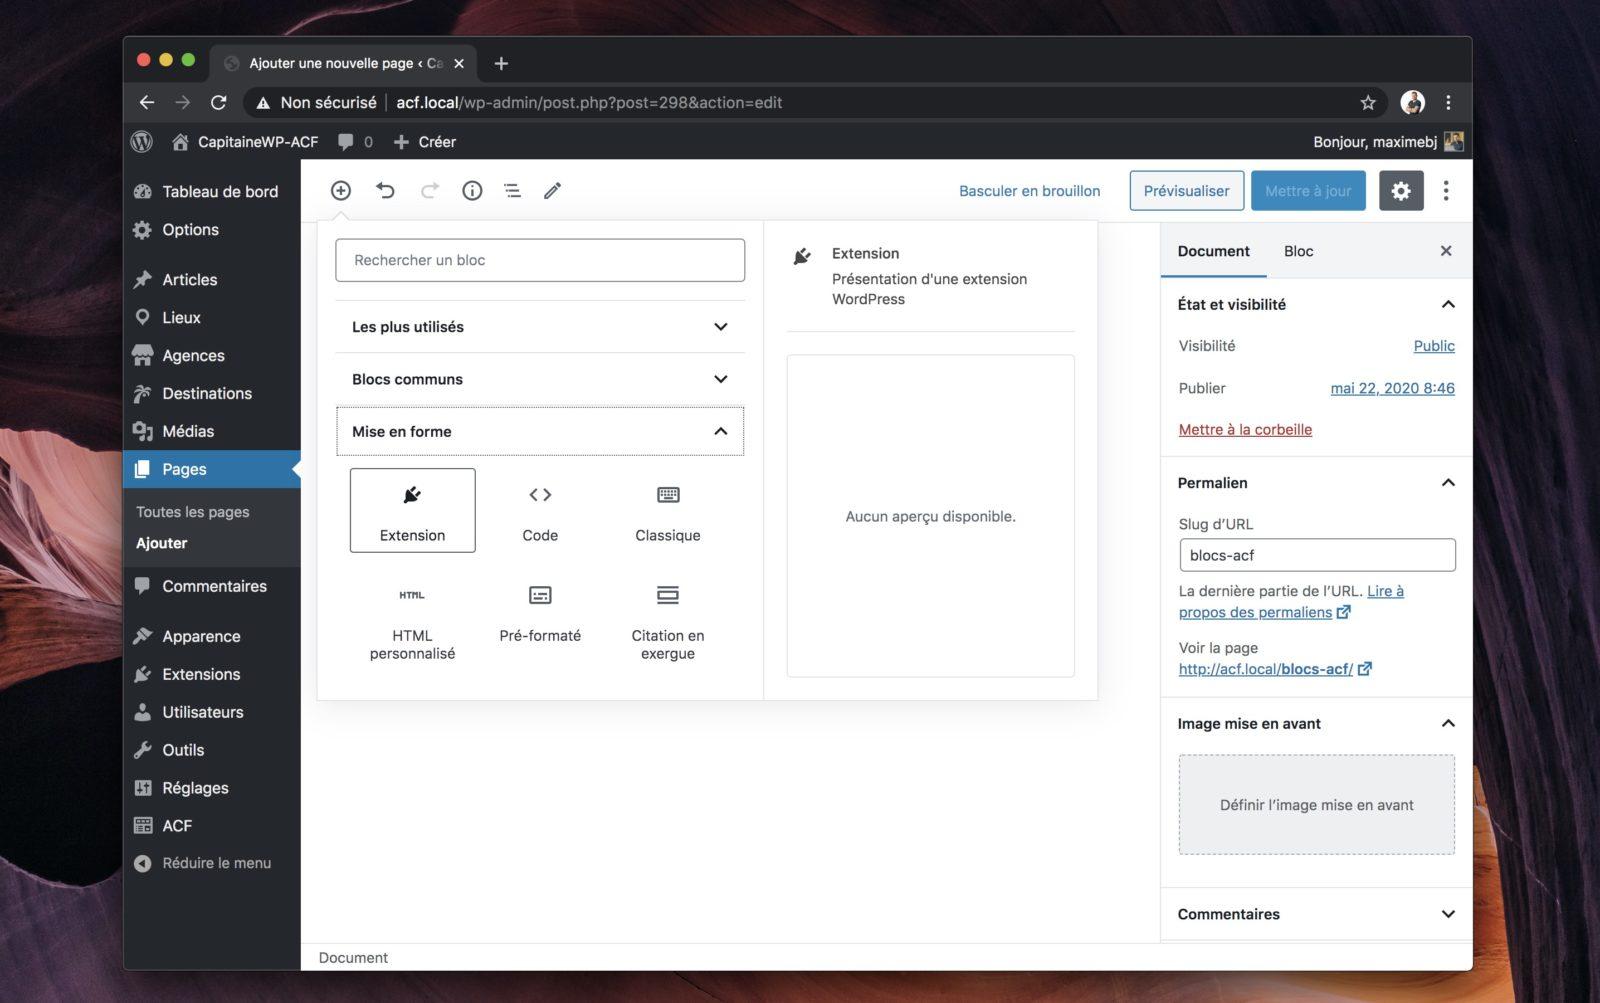 Capture d'écran du menu d'insertion de blocs de l'éditeur, où l'on voit notre bloc apparaitre dans la liste